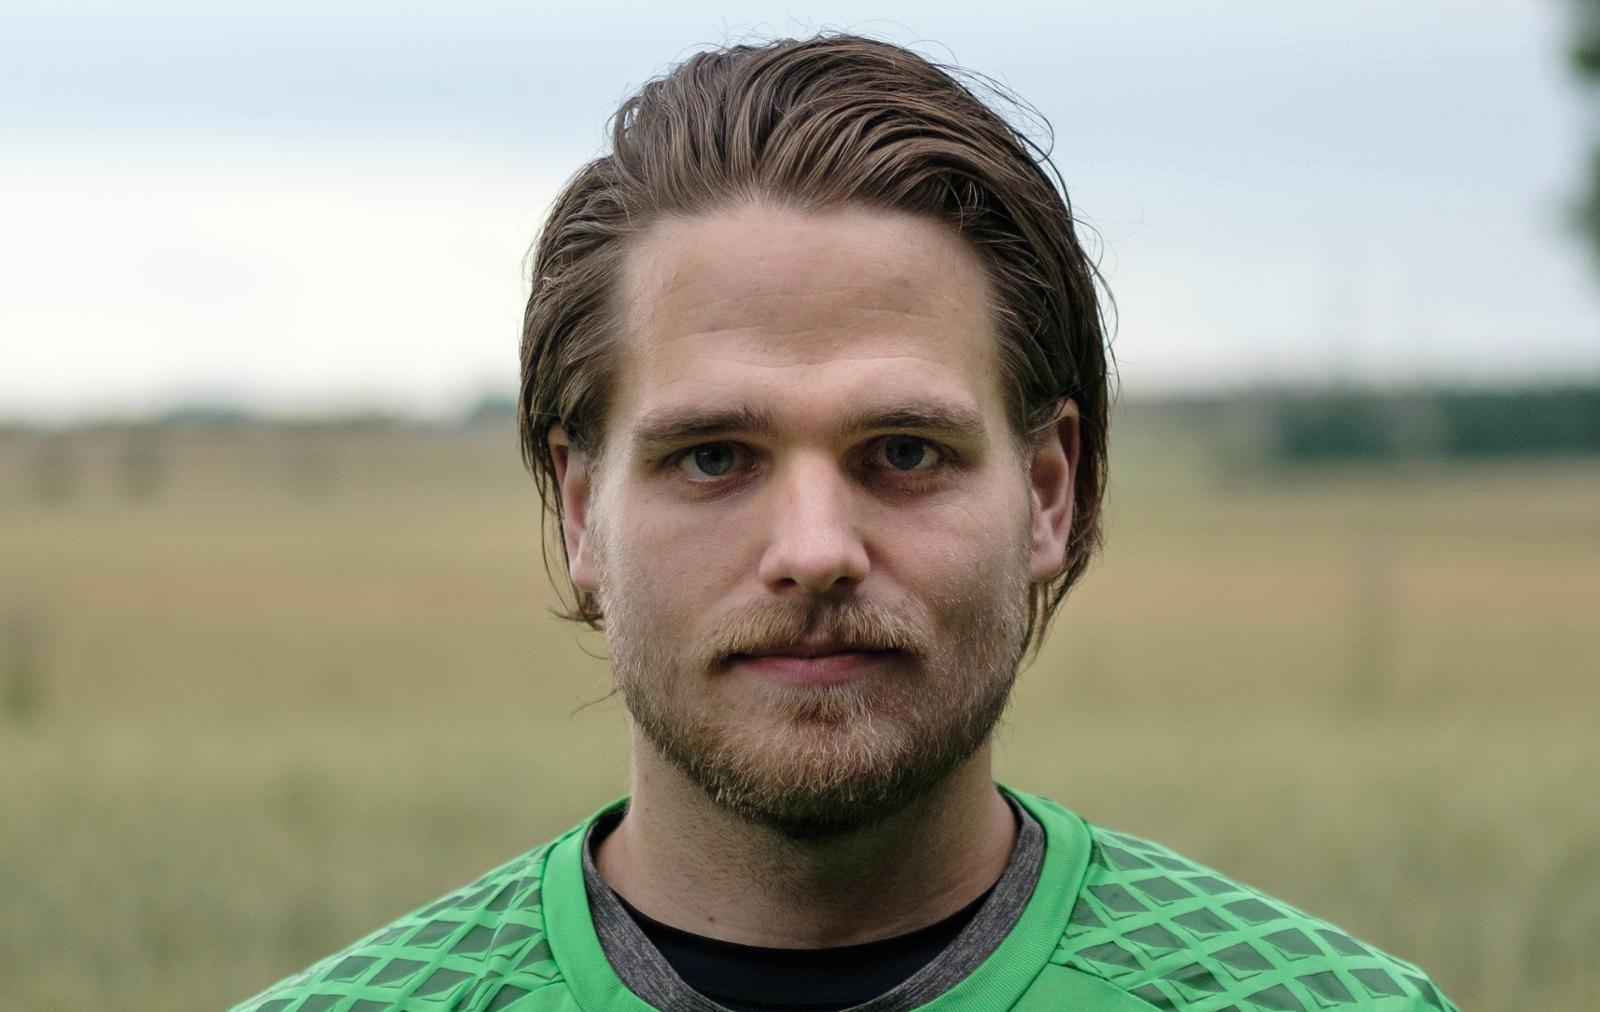 Daniel Rexhausen